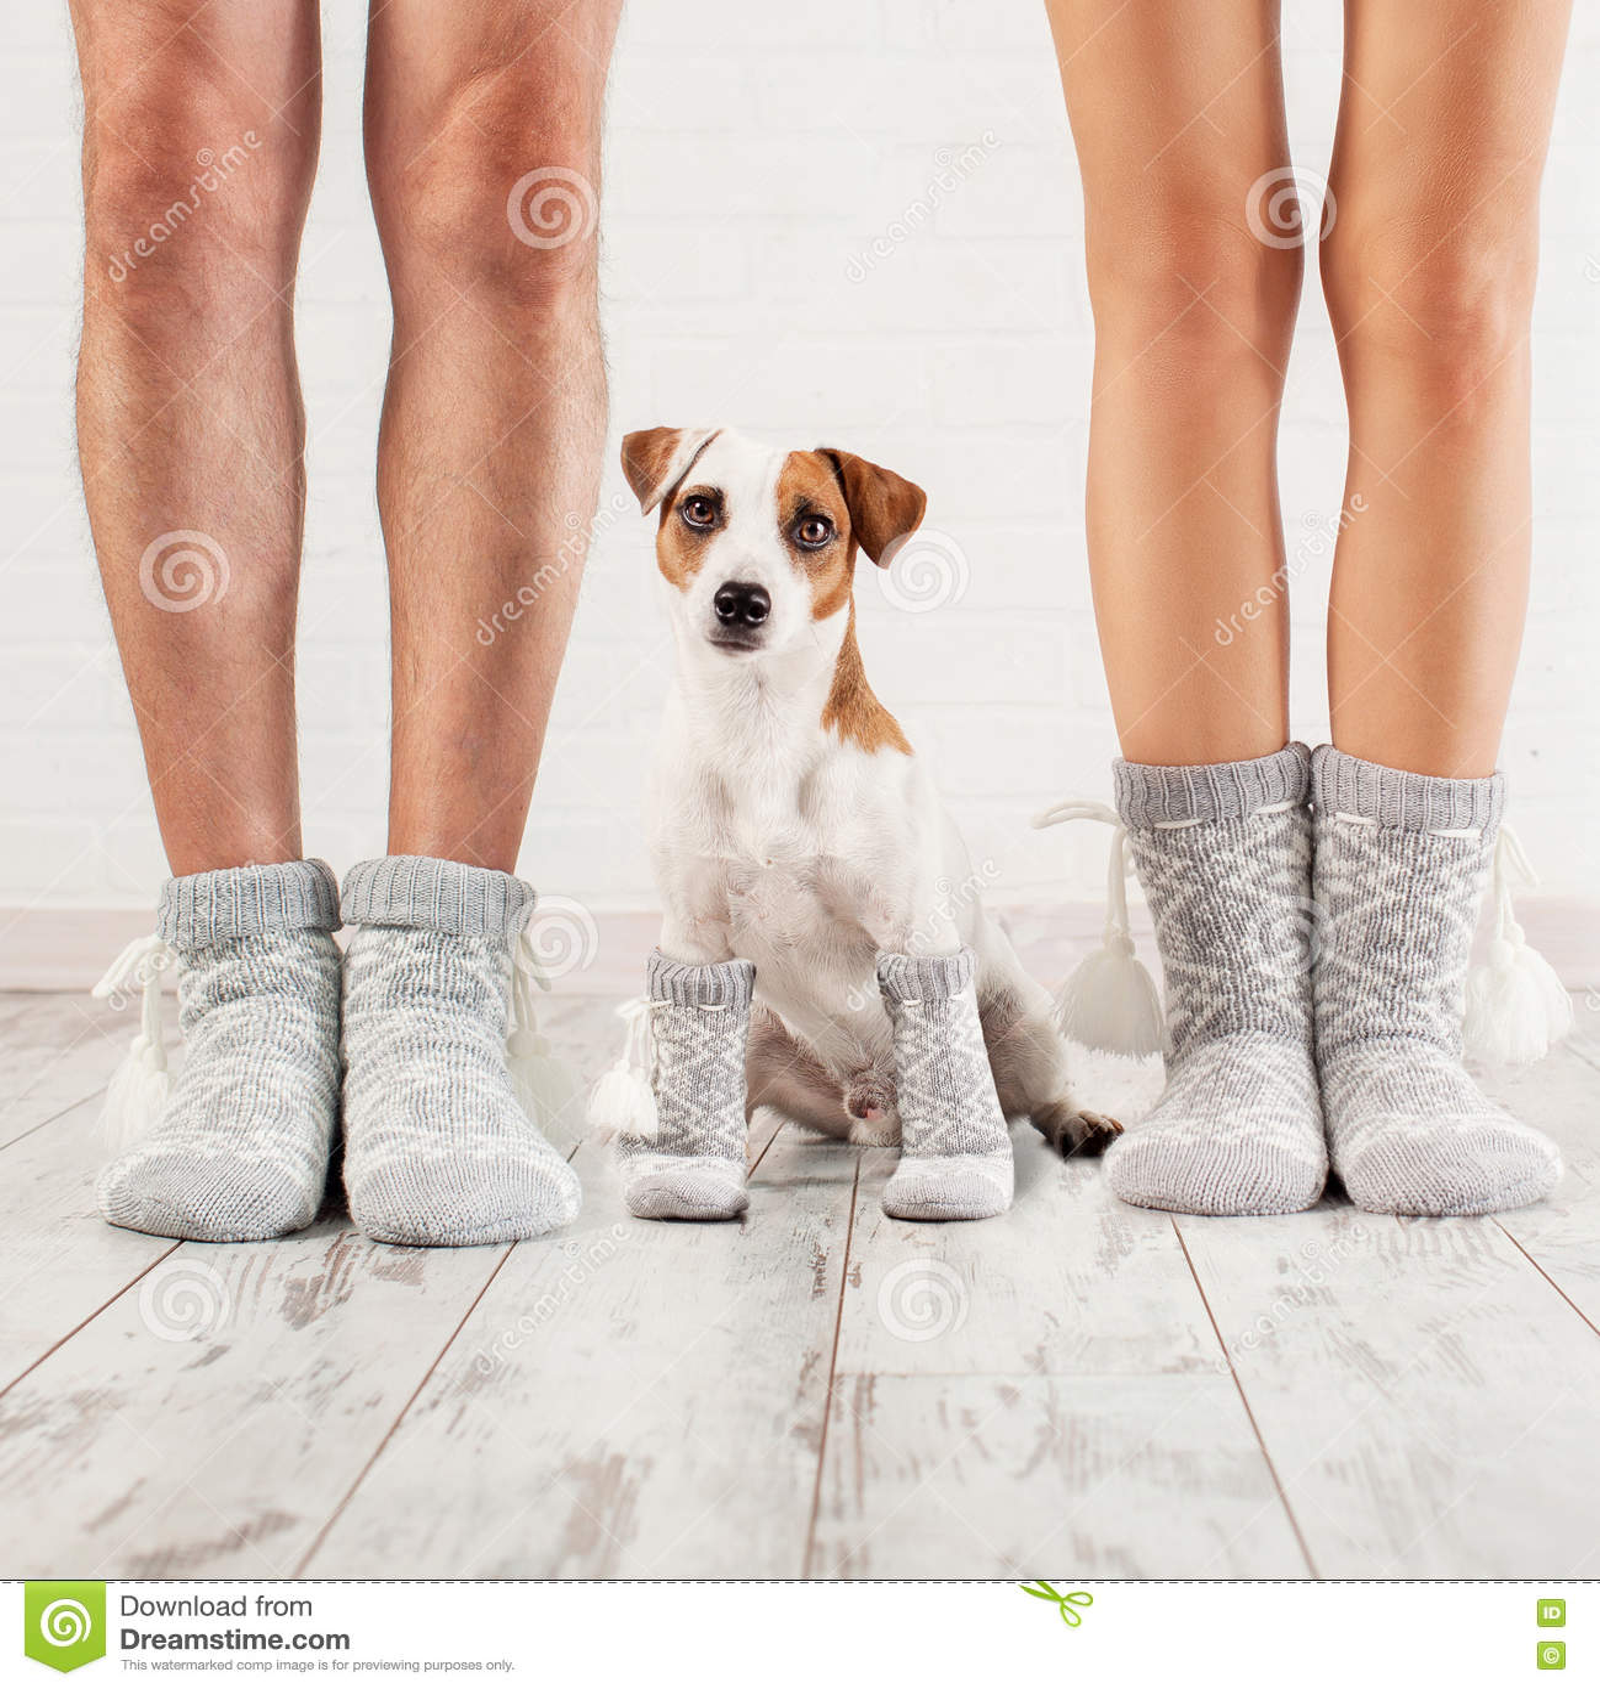 b4dd2eab00342 Homme, femelle et chien dans les chaussettes Maison familiale chaude  d'habillement